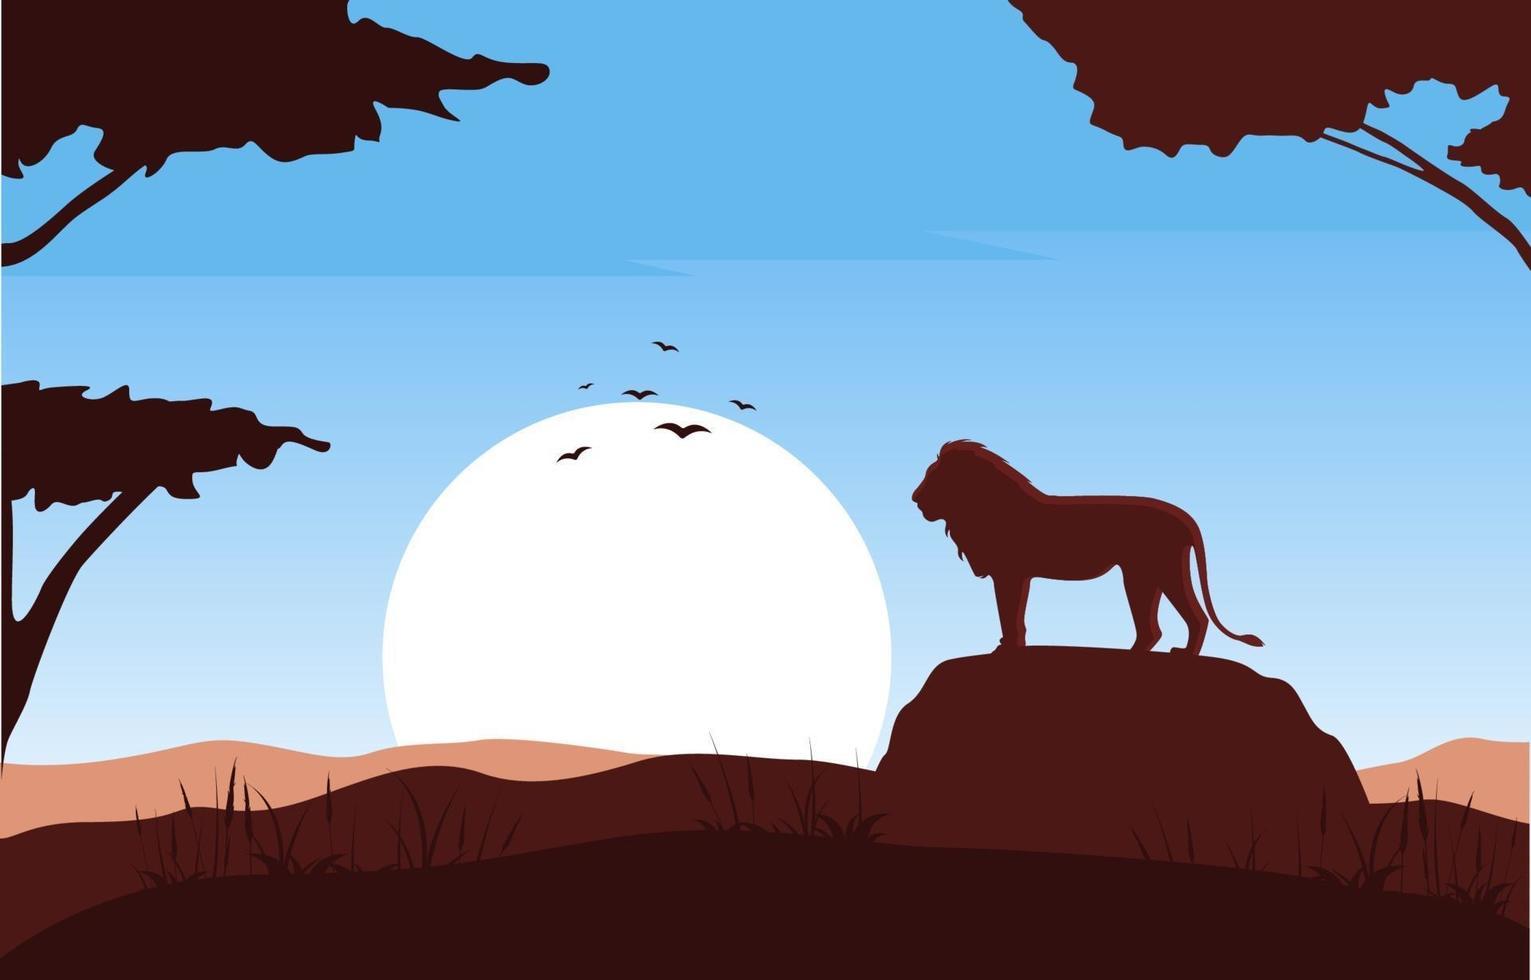 León sobre roca en la ilustración de paisaje de sabana africana vector